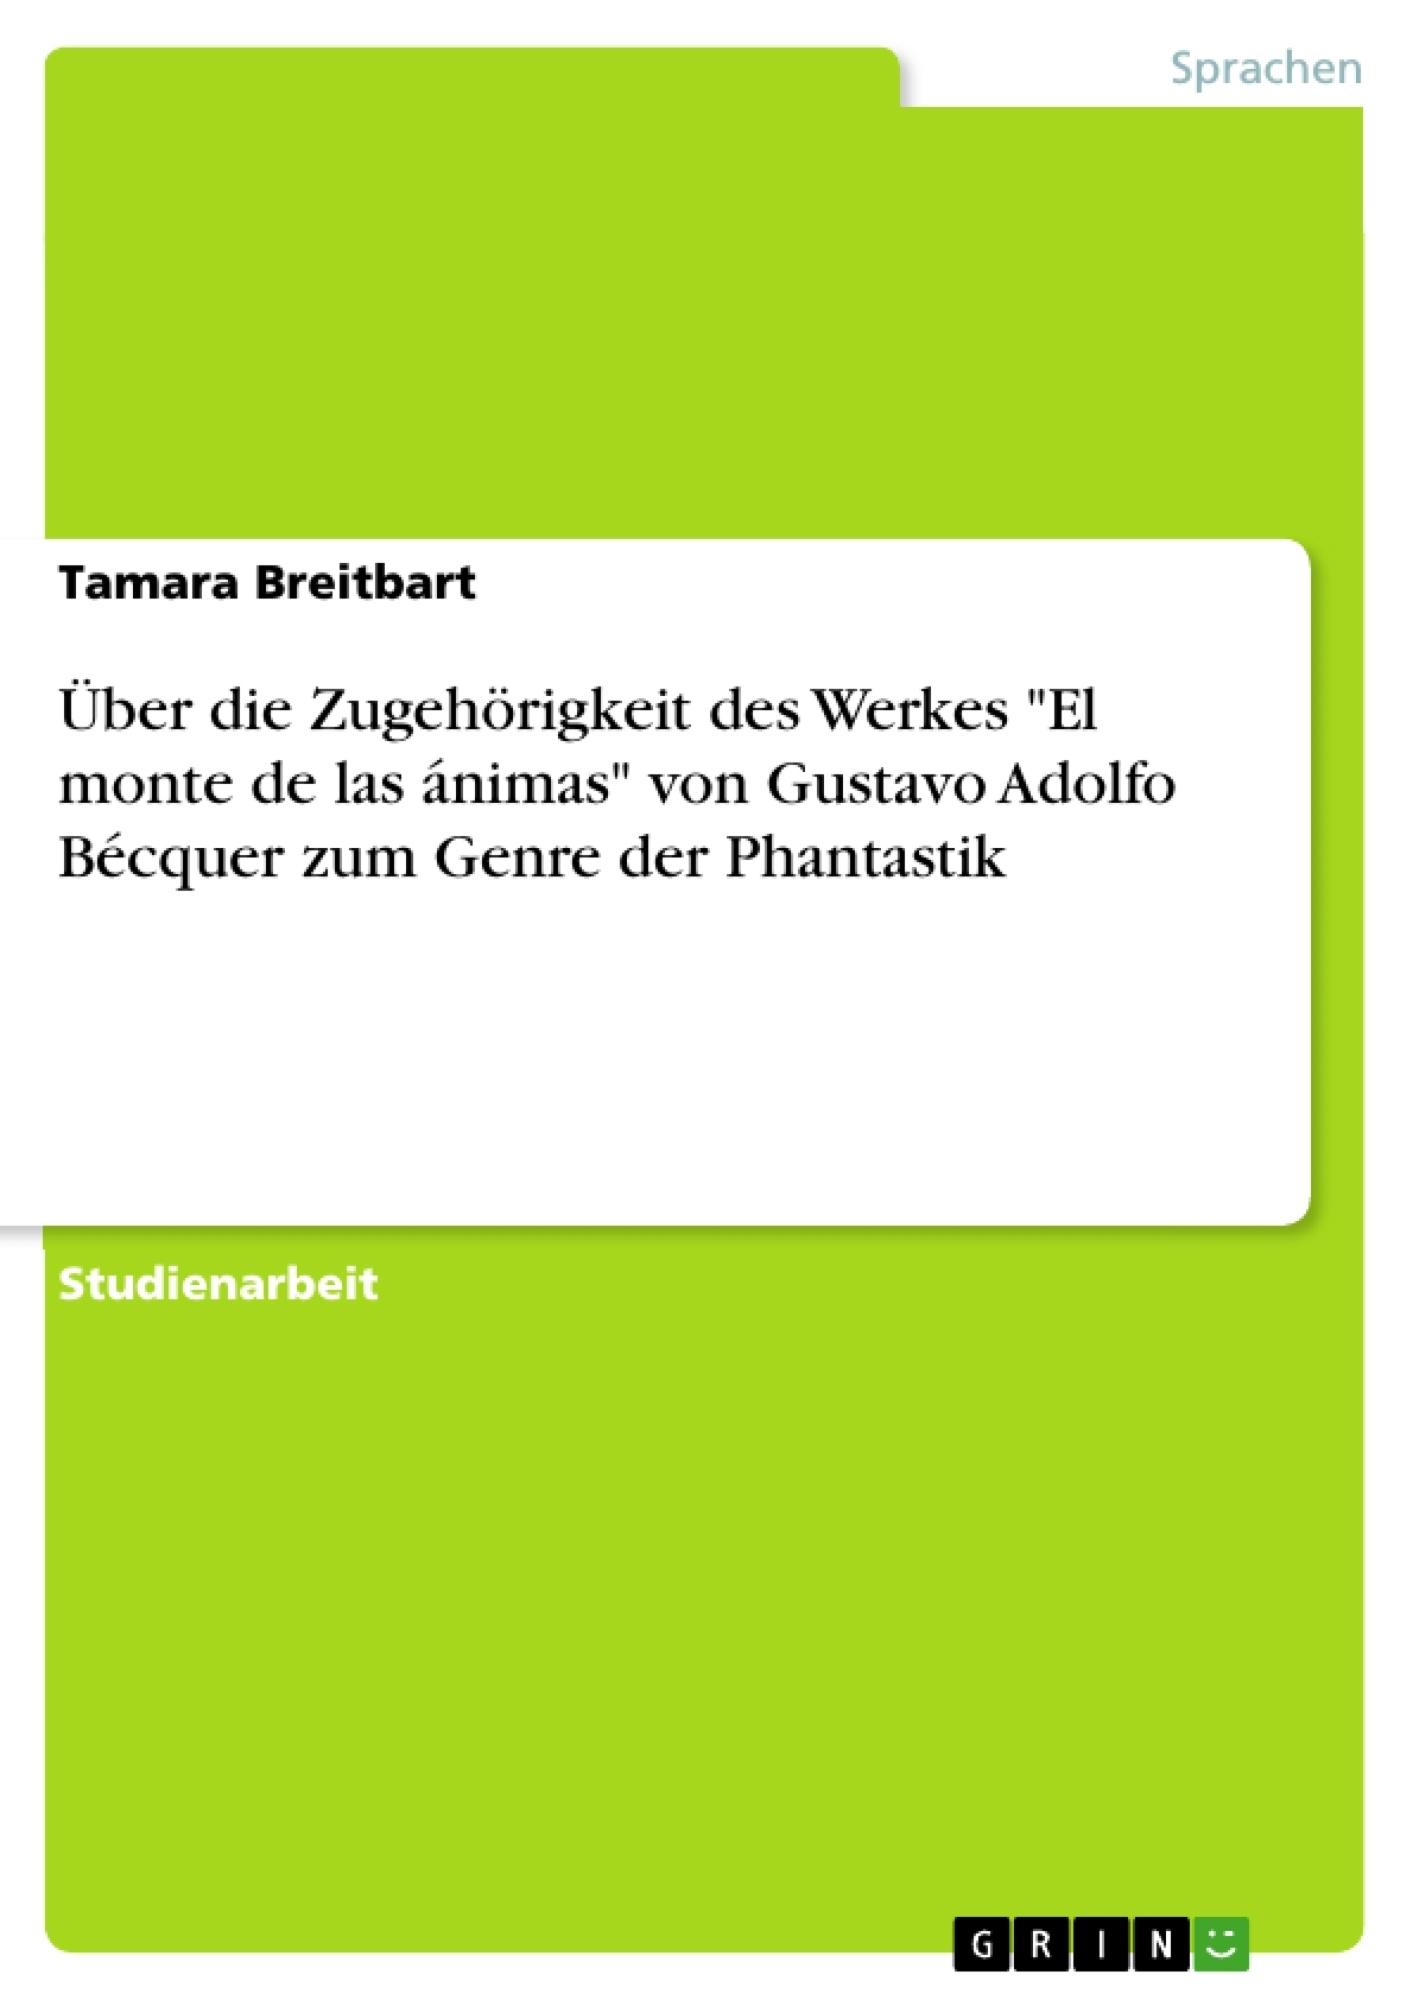 """Titel: Über die Zugehörigkeit des Werkes """"El monte de las ánimas"""" von Gustavo Adolfo Bécquer zum Genre der Phantastik"""